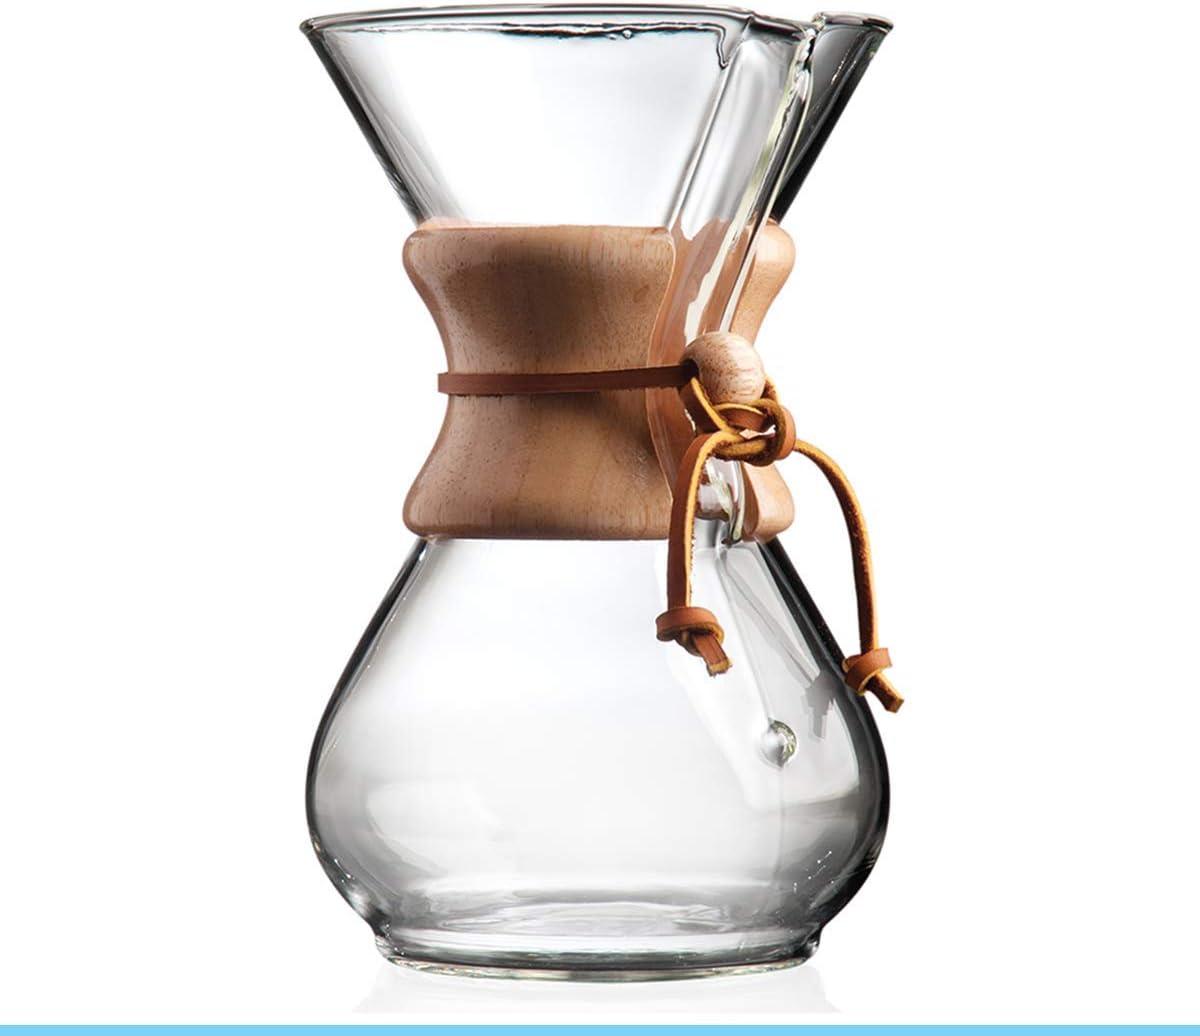 Chemex zB.Kaffeezubereiter6 Tassen 800 ml Glaskaraffe mit Holzhals